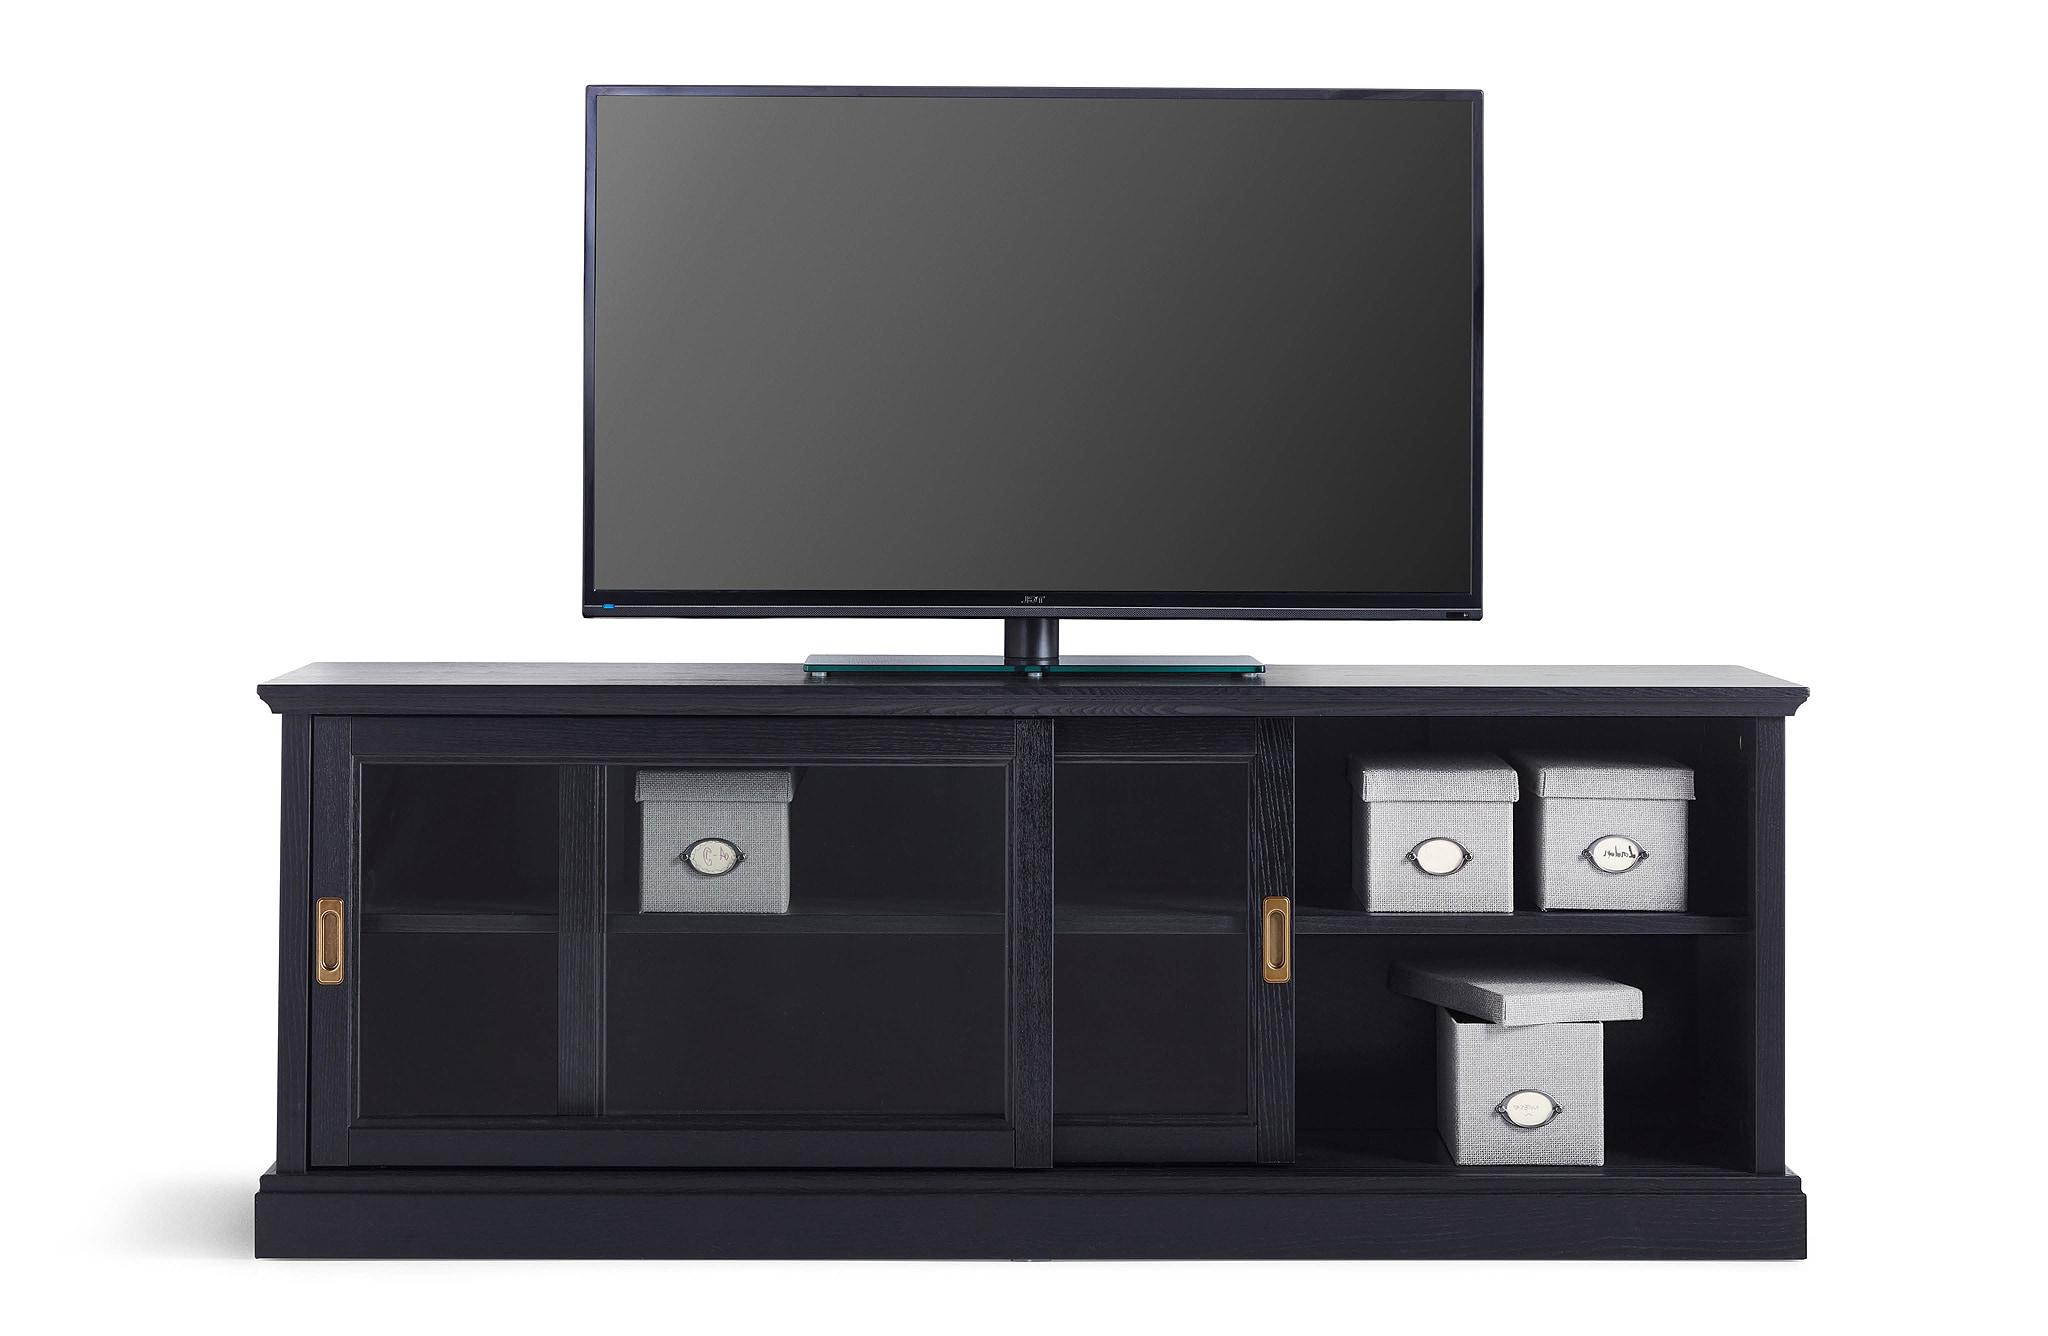 Muebles Para Tele Drdp Muebles De Tv Y Muebles Para El Salà N Pra Online Ikea